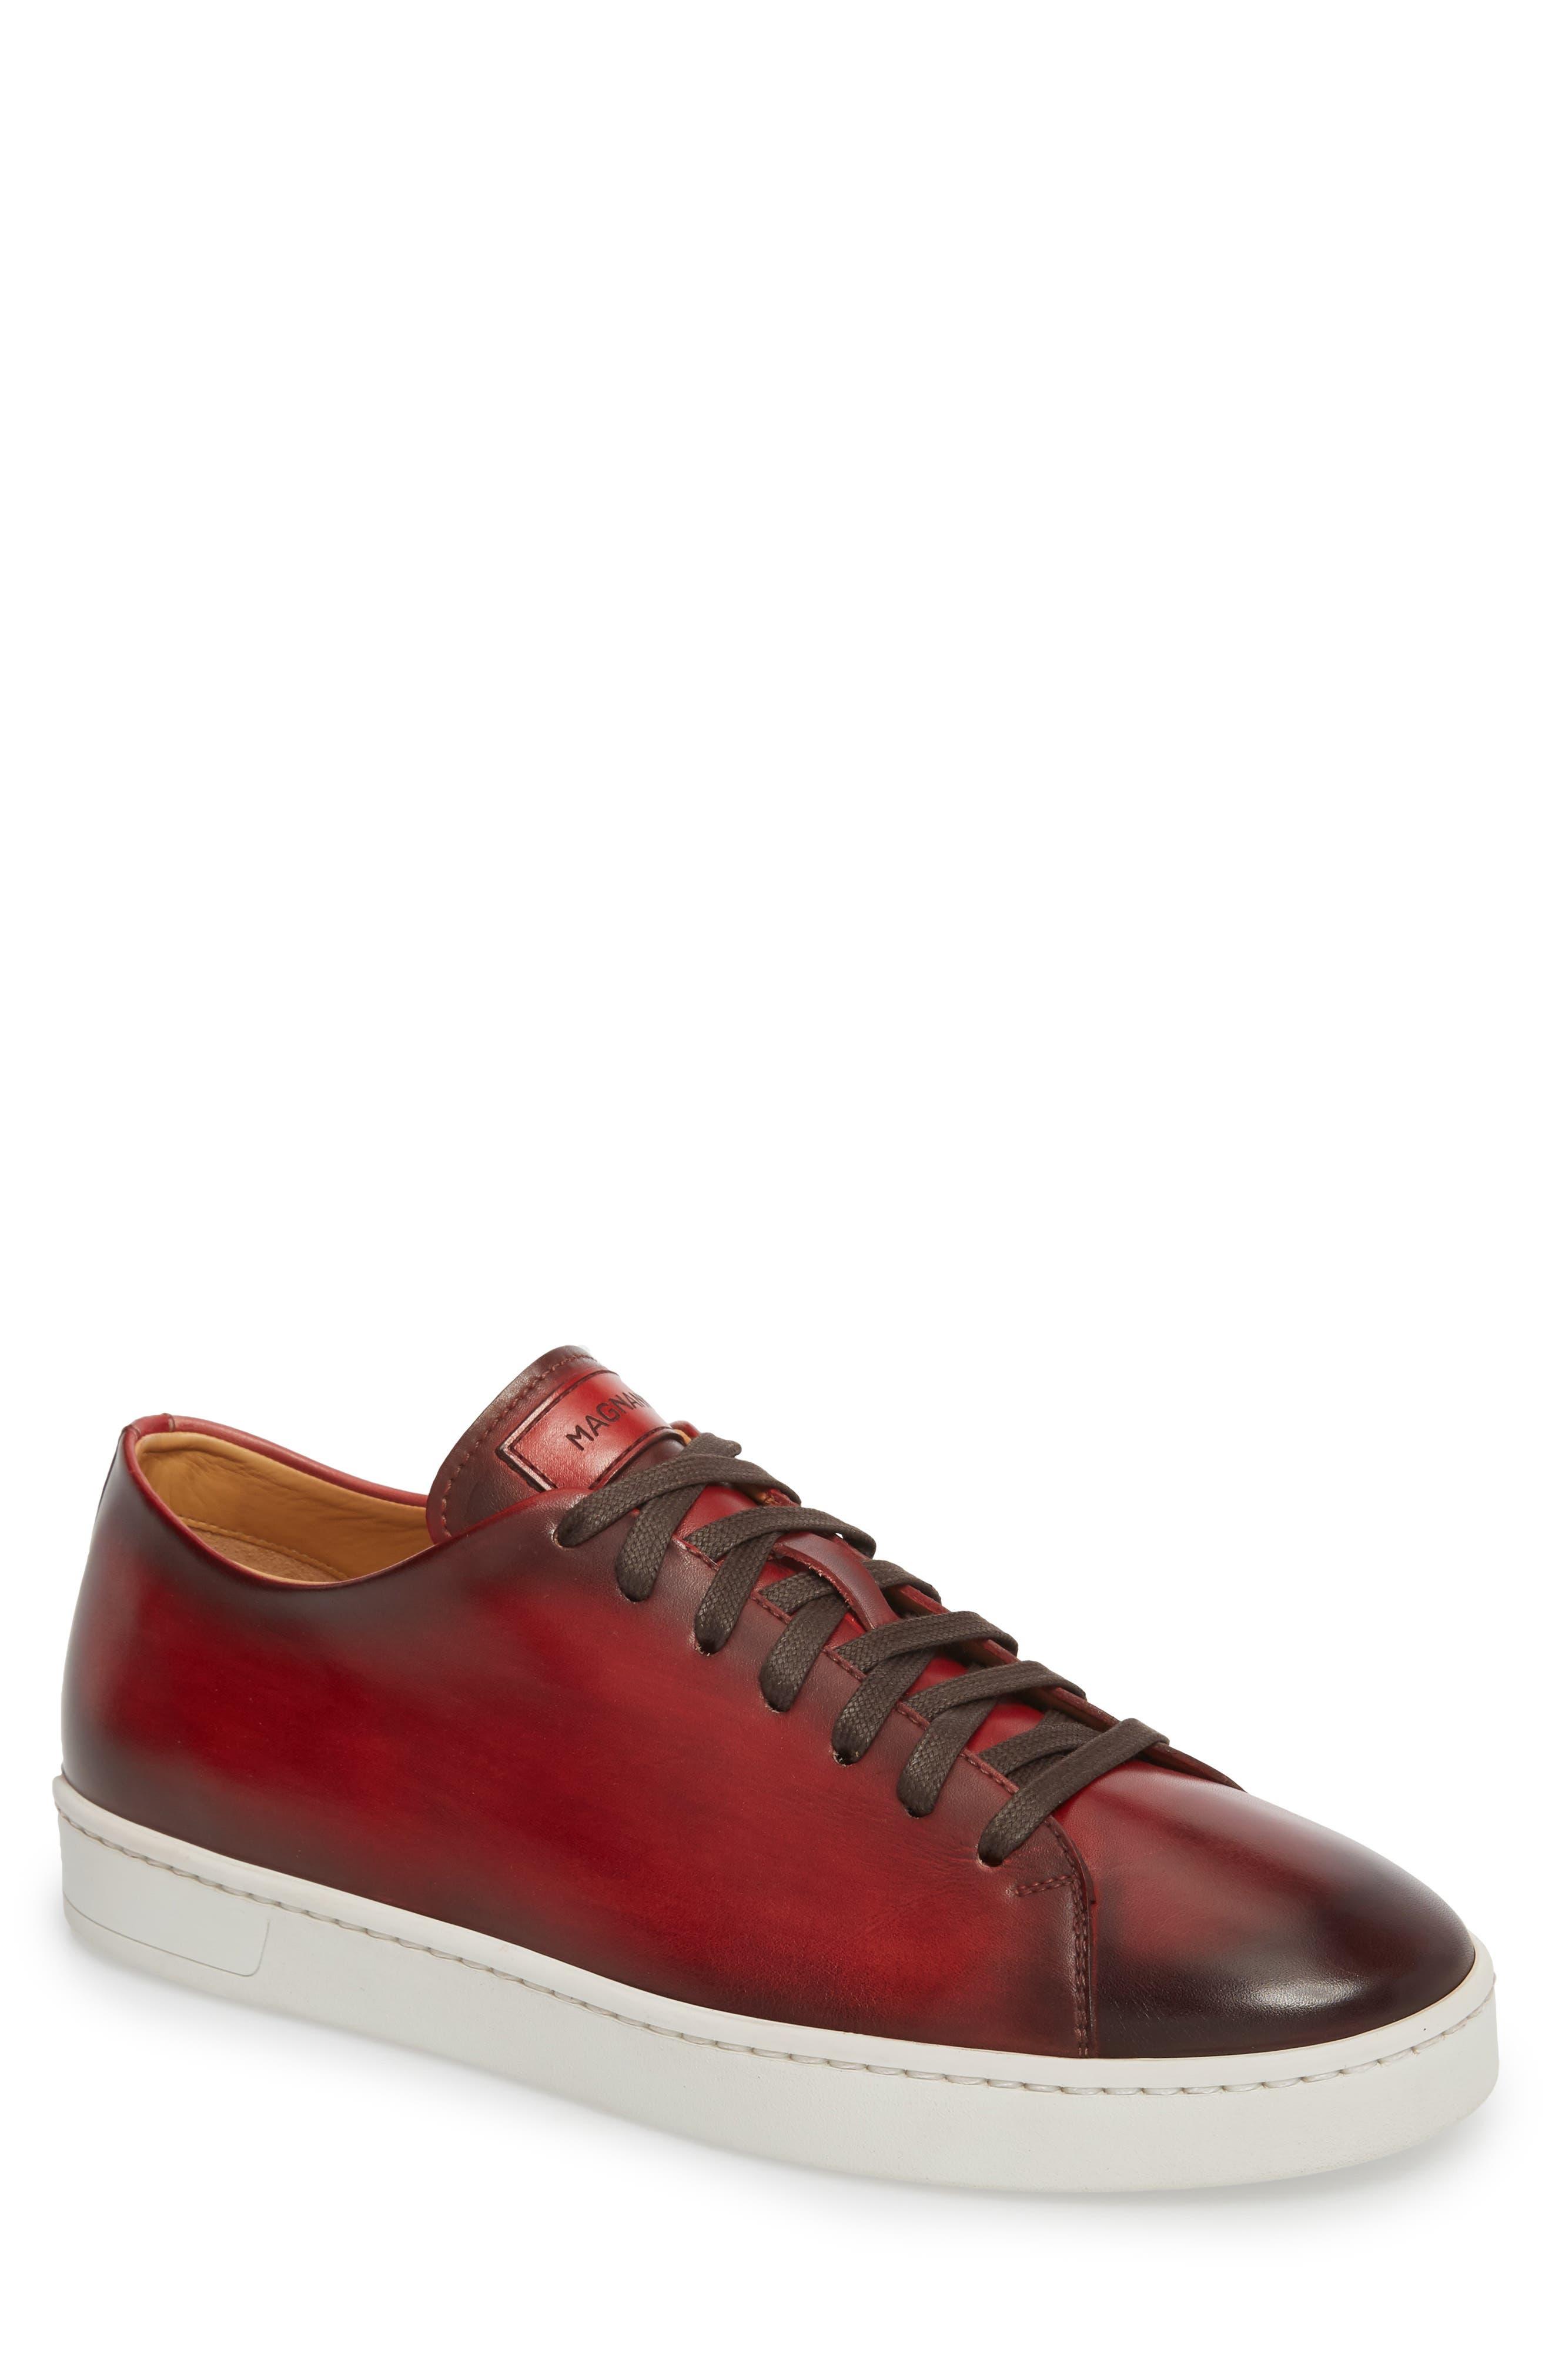 Belmont Lo Sneaker,                             Main thumbnail 1, color,                             630